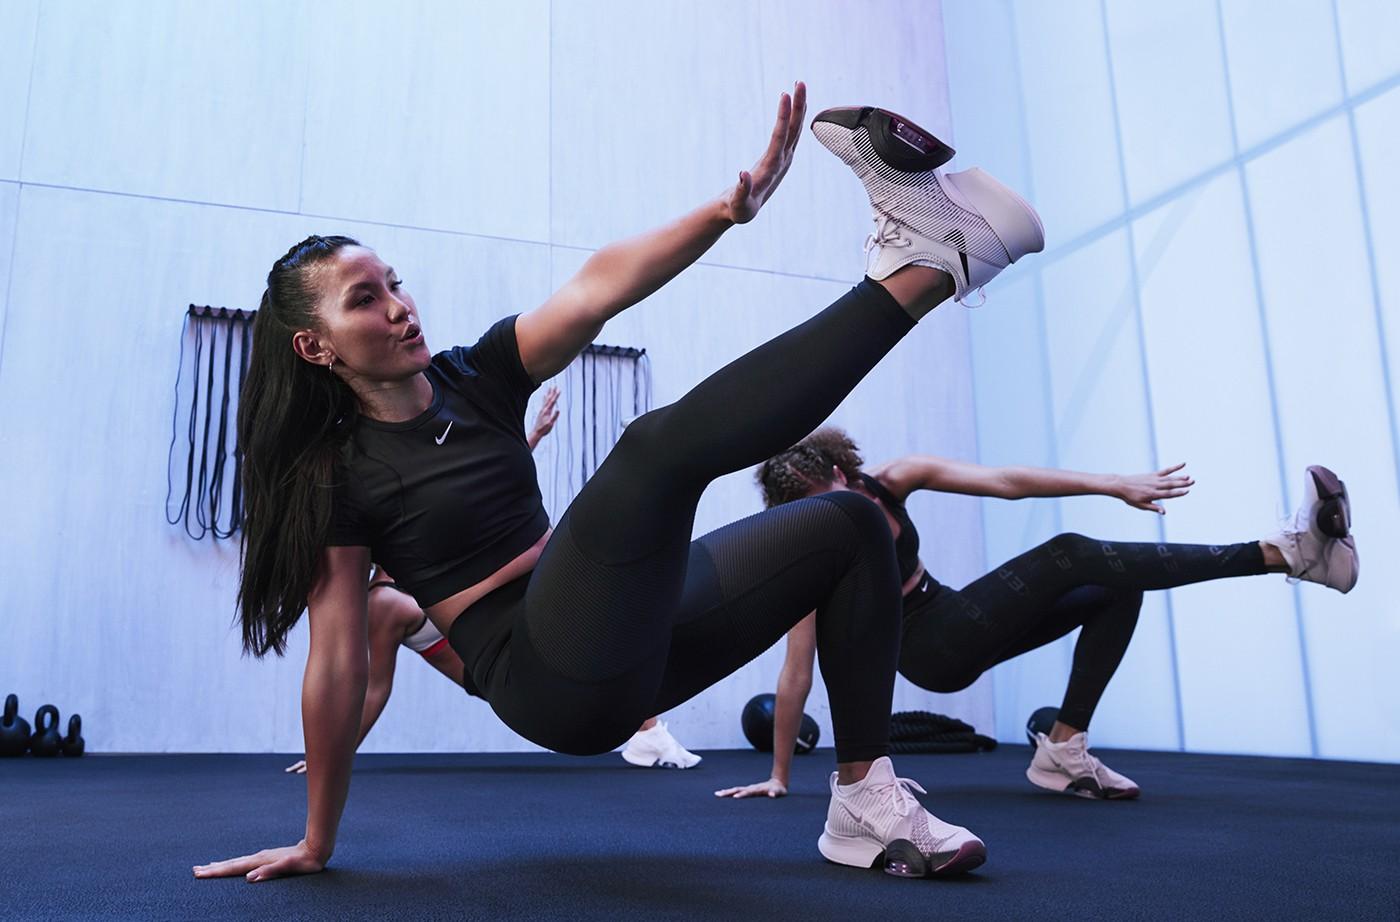 Фитнес конвенция Nike пройдет 21-22 марта  в Киеве - фото №1